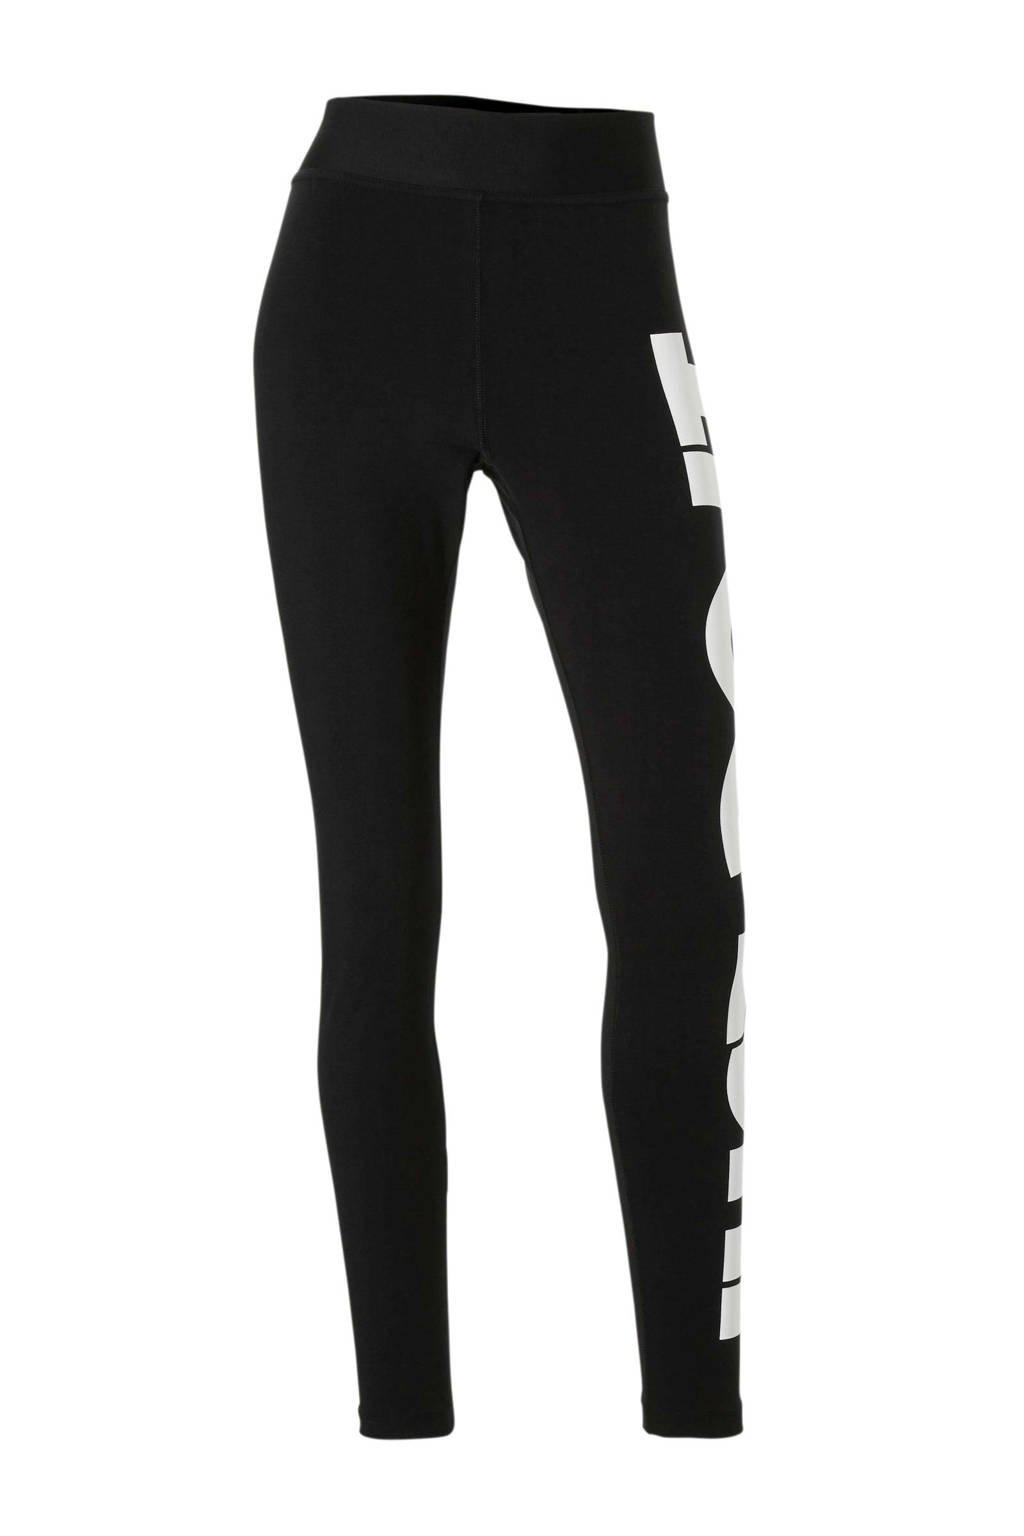 Nike joggingbroek zwart, Zwart/wit